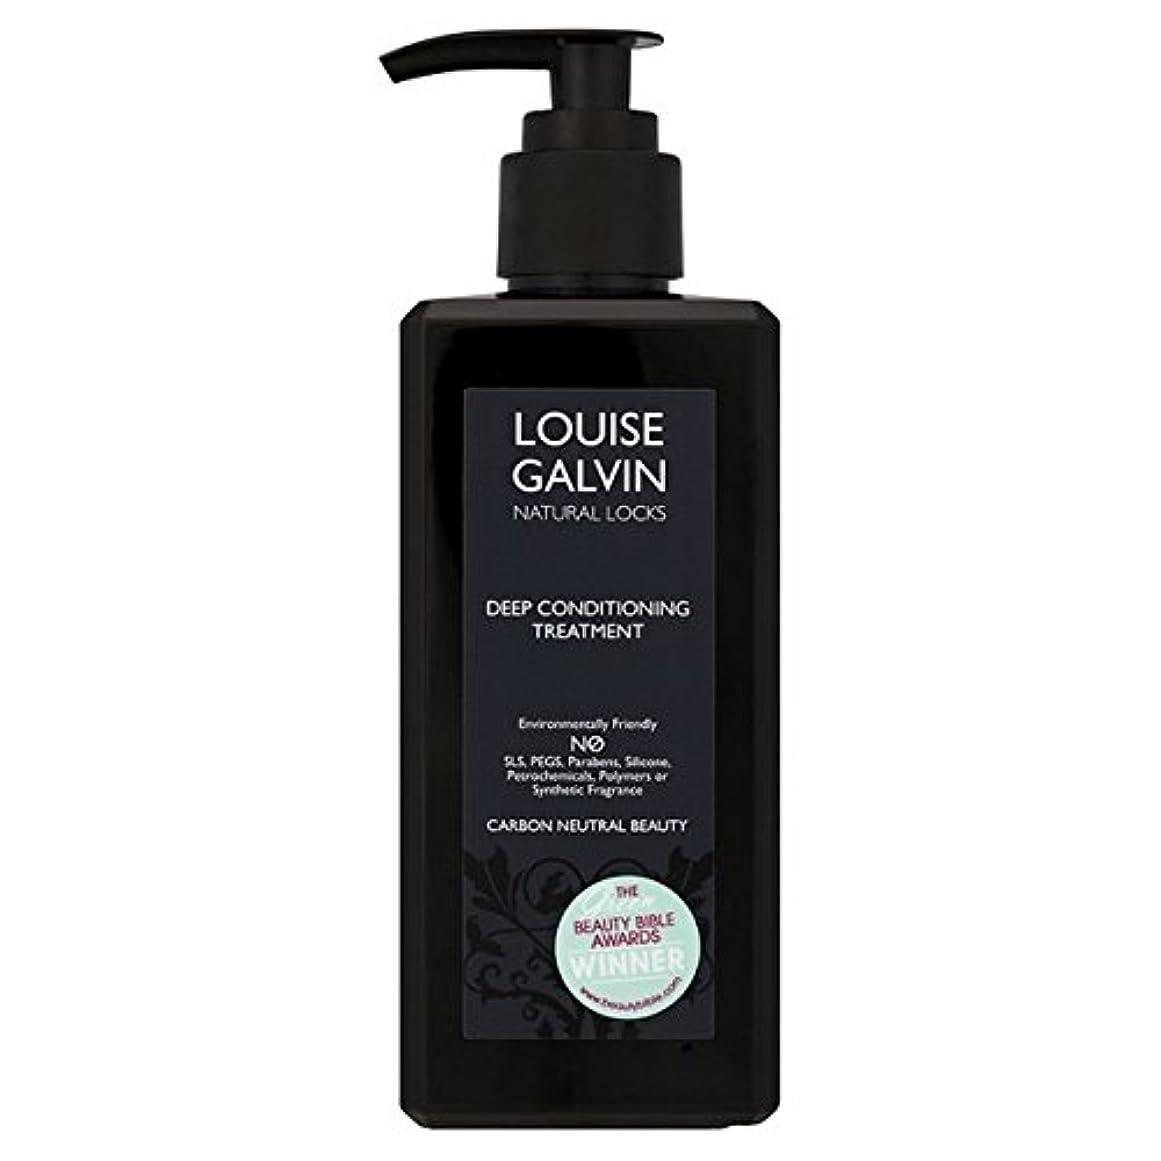 それら平和的マルクス主義ノーマルヘア300ミリリットルのためのルイーズガルビン純粋な輝きコンディショナー x4 - Louise Galvin Pure Shine Conditioner For Normal Hair 300ml (Pack...